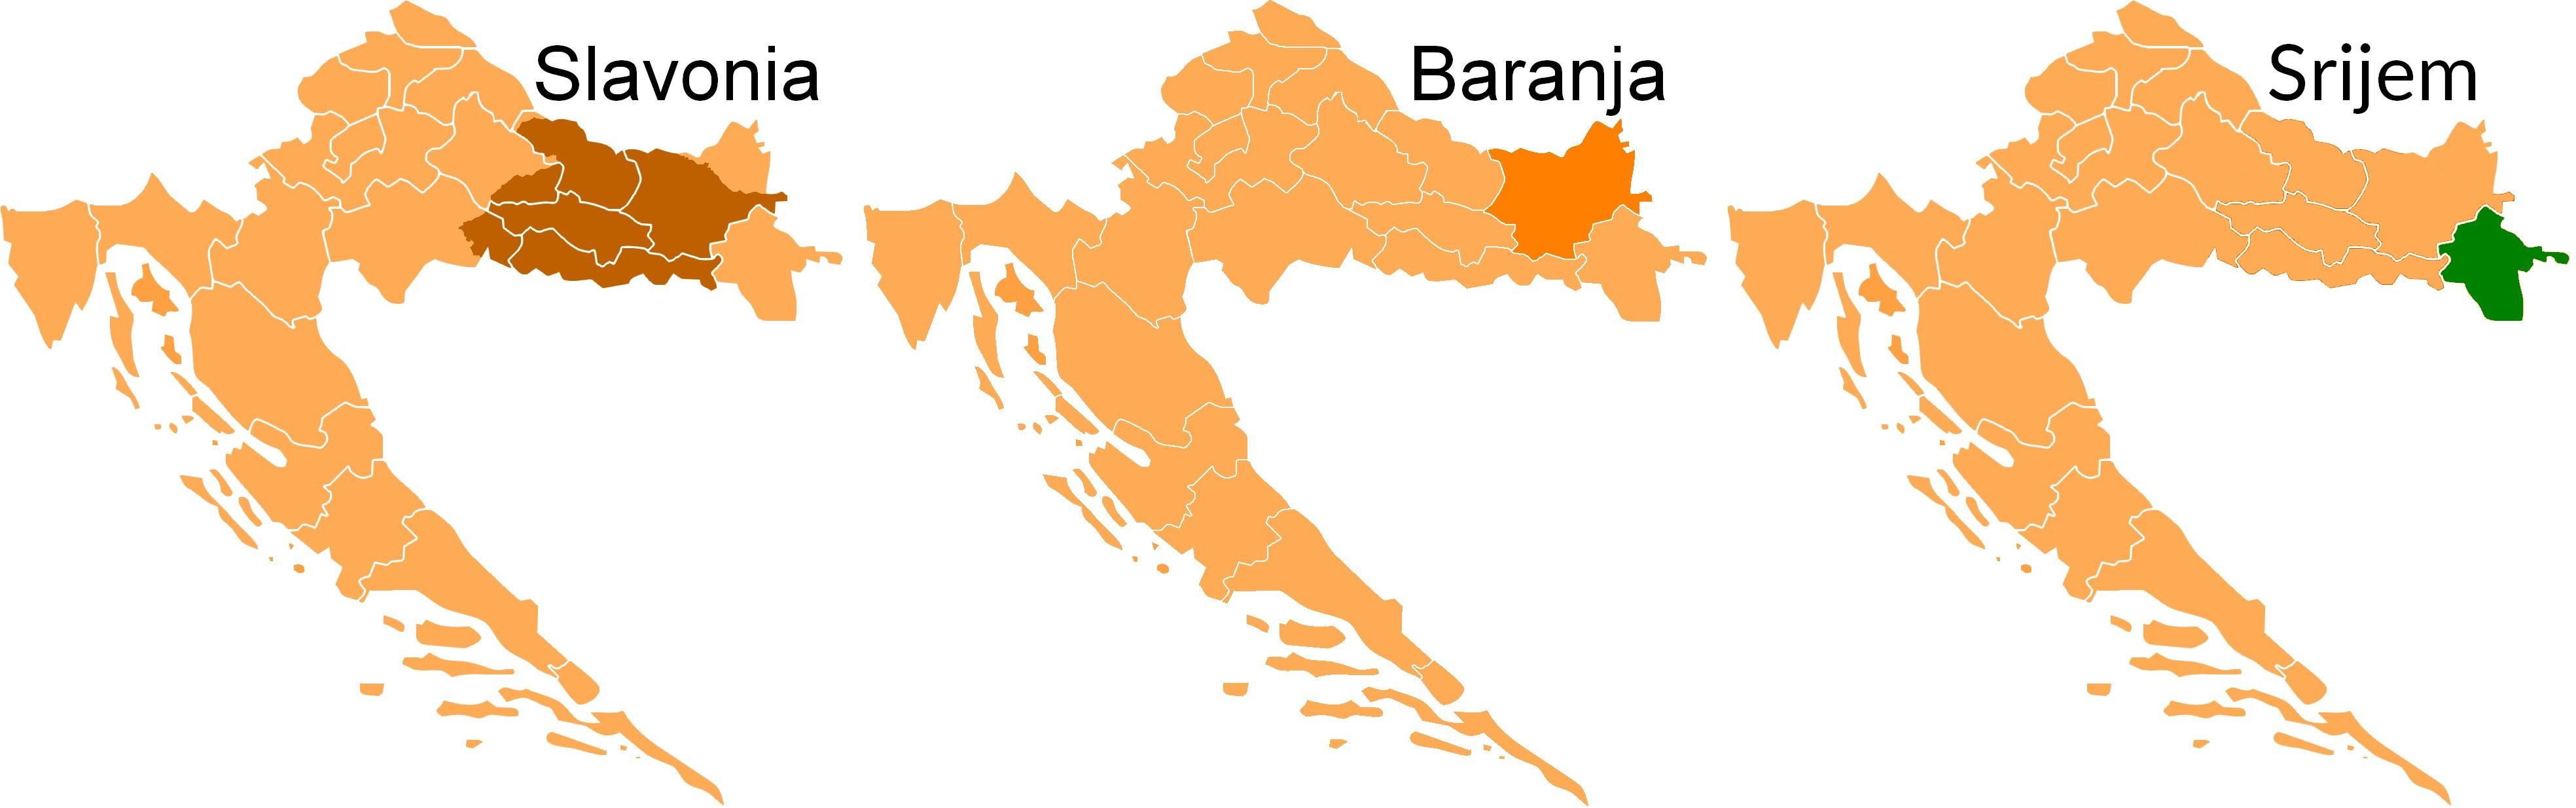 Regiony Slavonii, Baranji i Srijemu